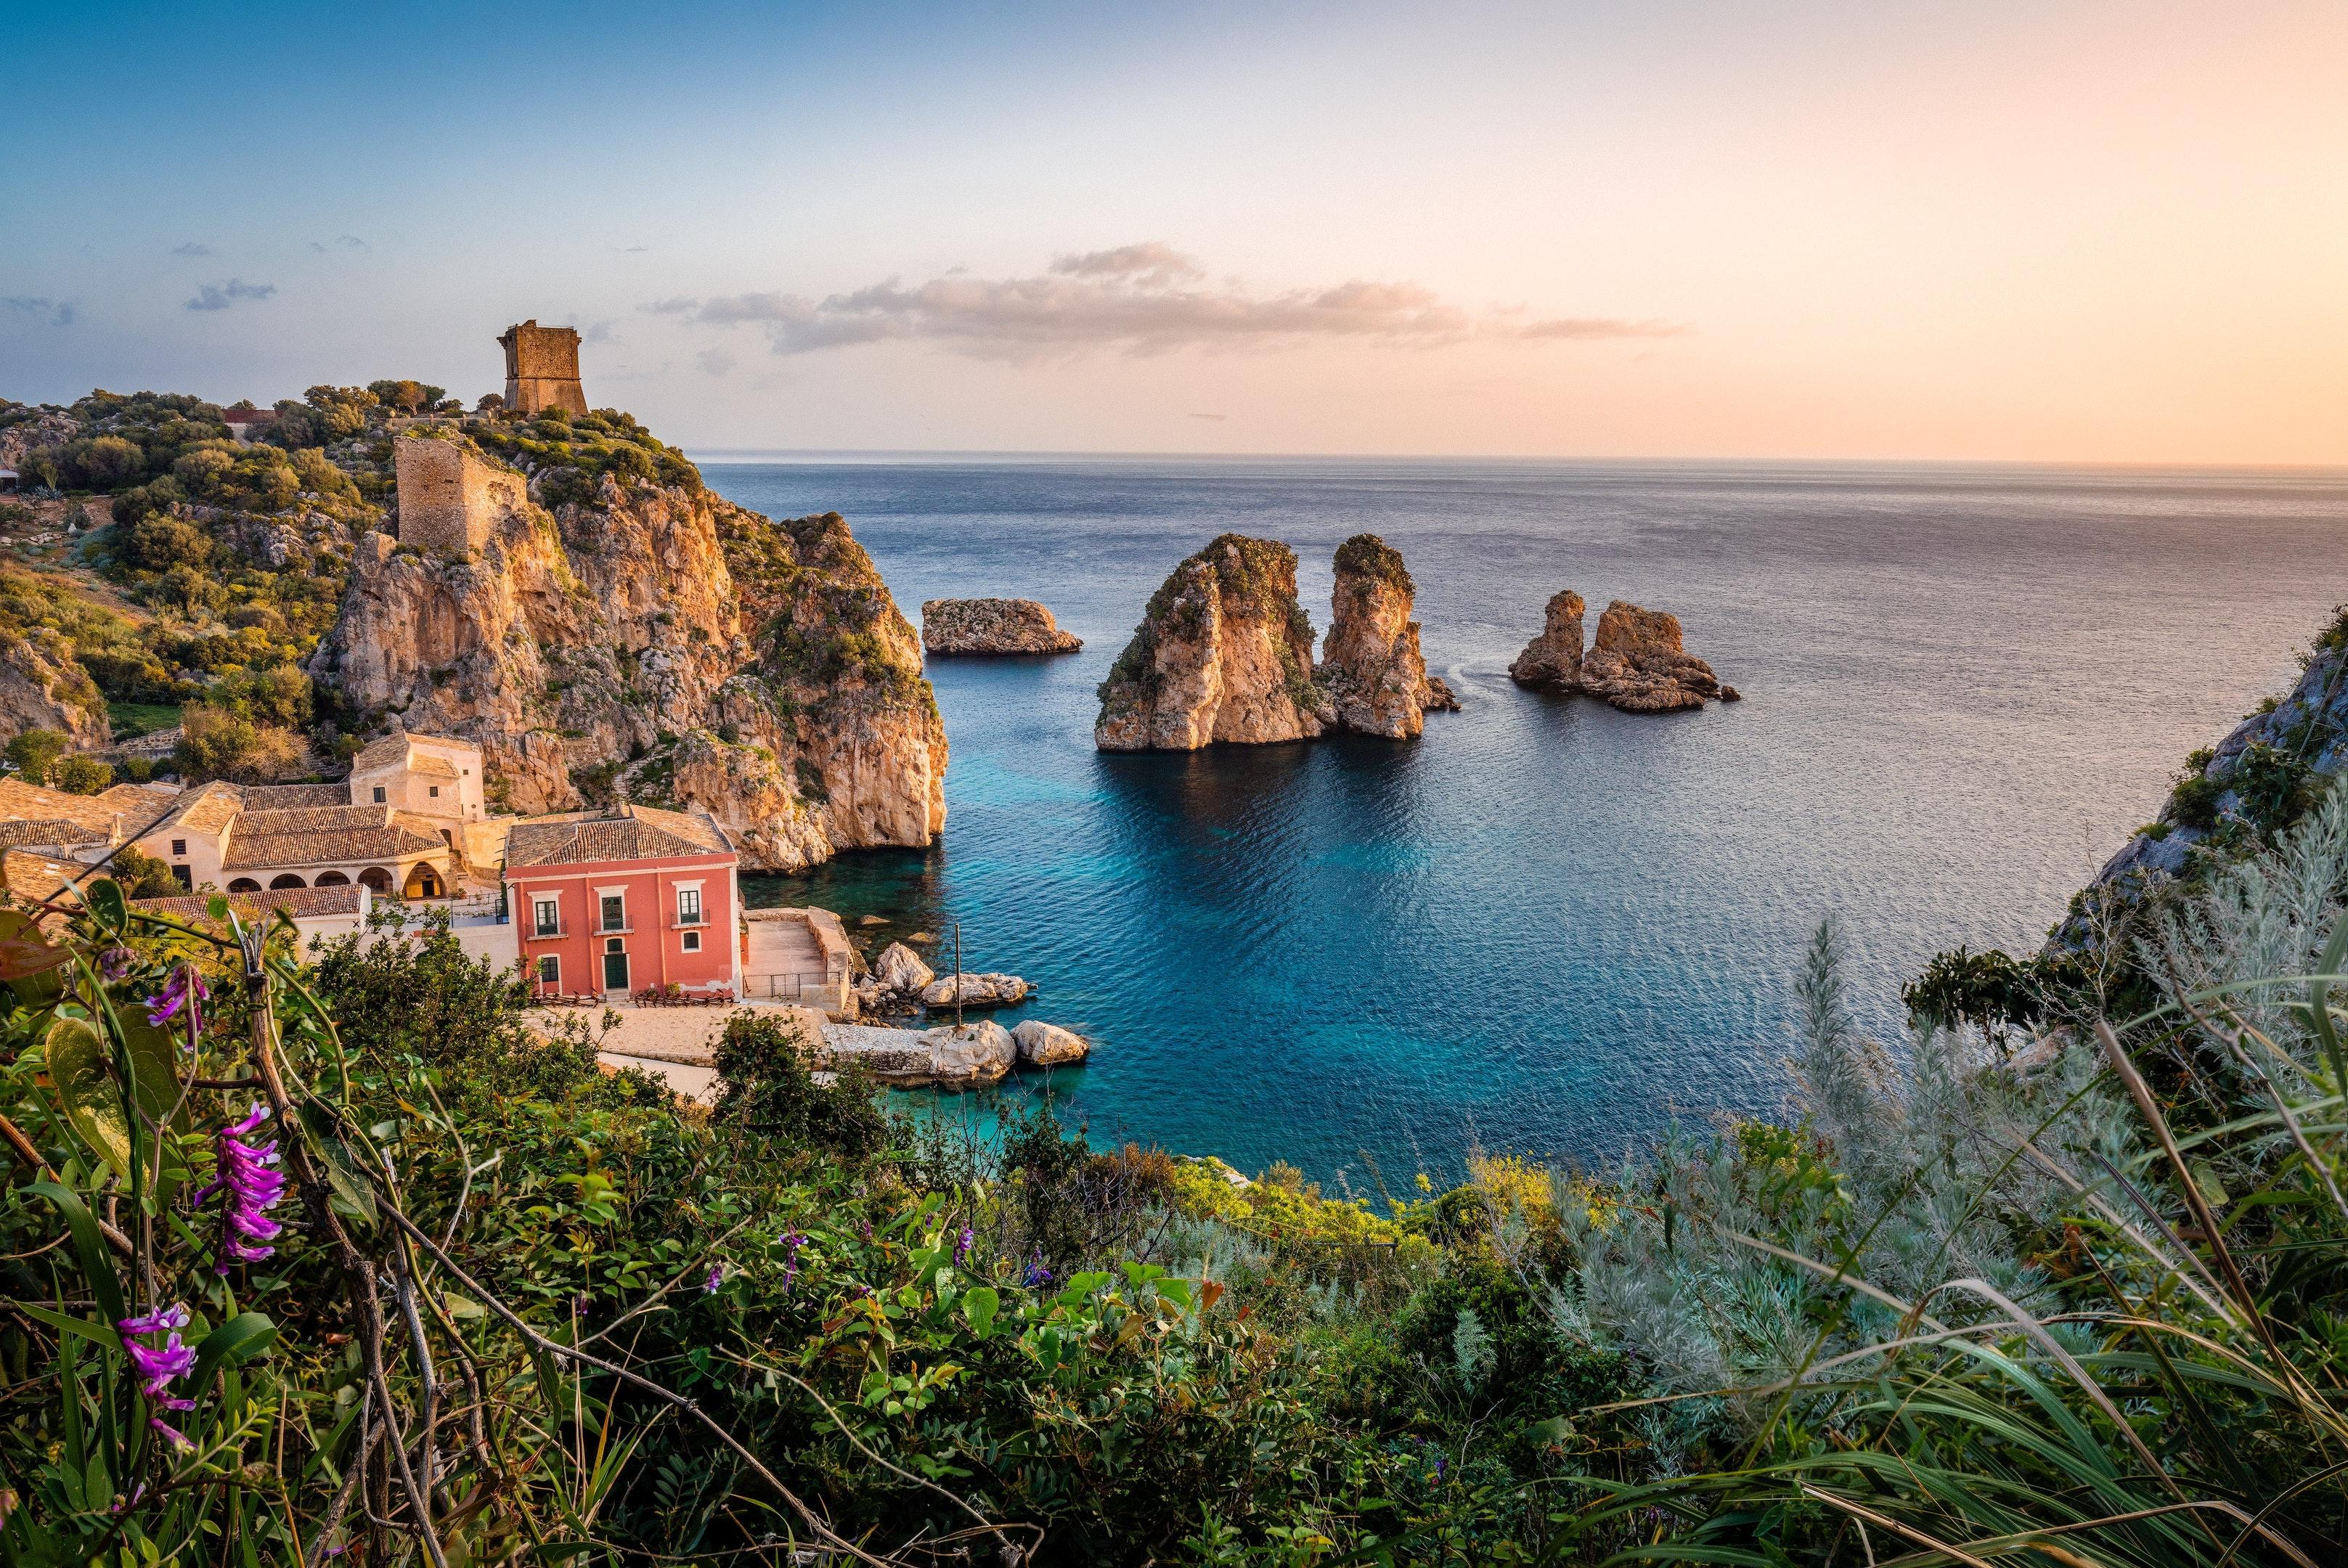 Ferienwohnung Wohnung mit 3 Schlafzimmern in Alcamo mit herrlichem Meerblick, eingezäuntem Garten und W- (2623785), Alcamo, Trapani, Sizilien, Italien, Bild 16